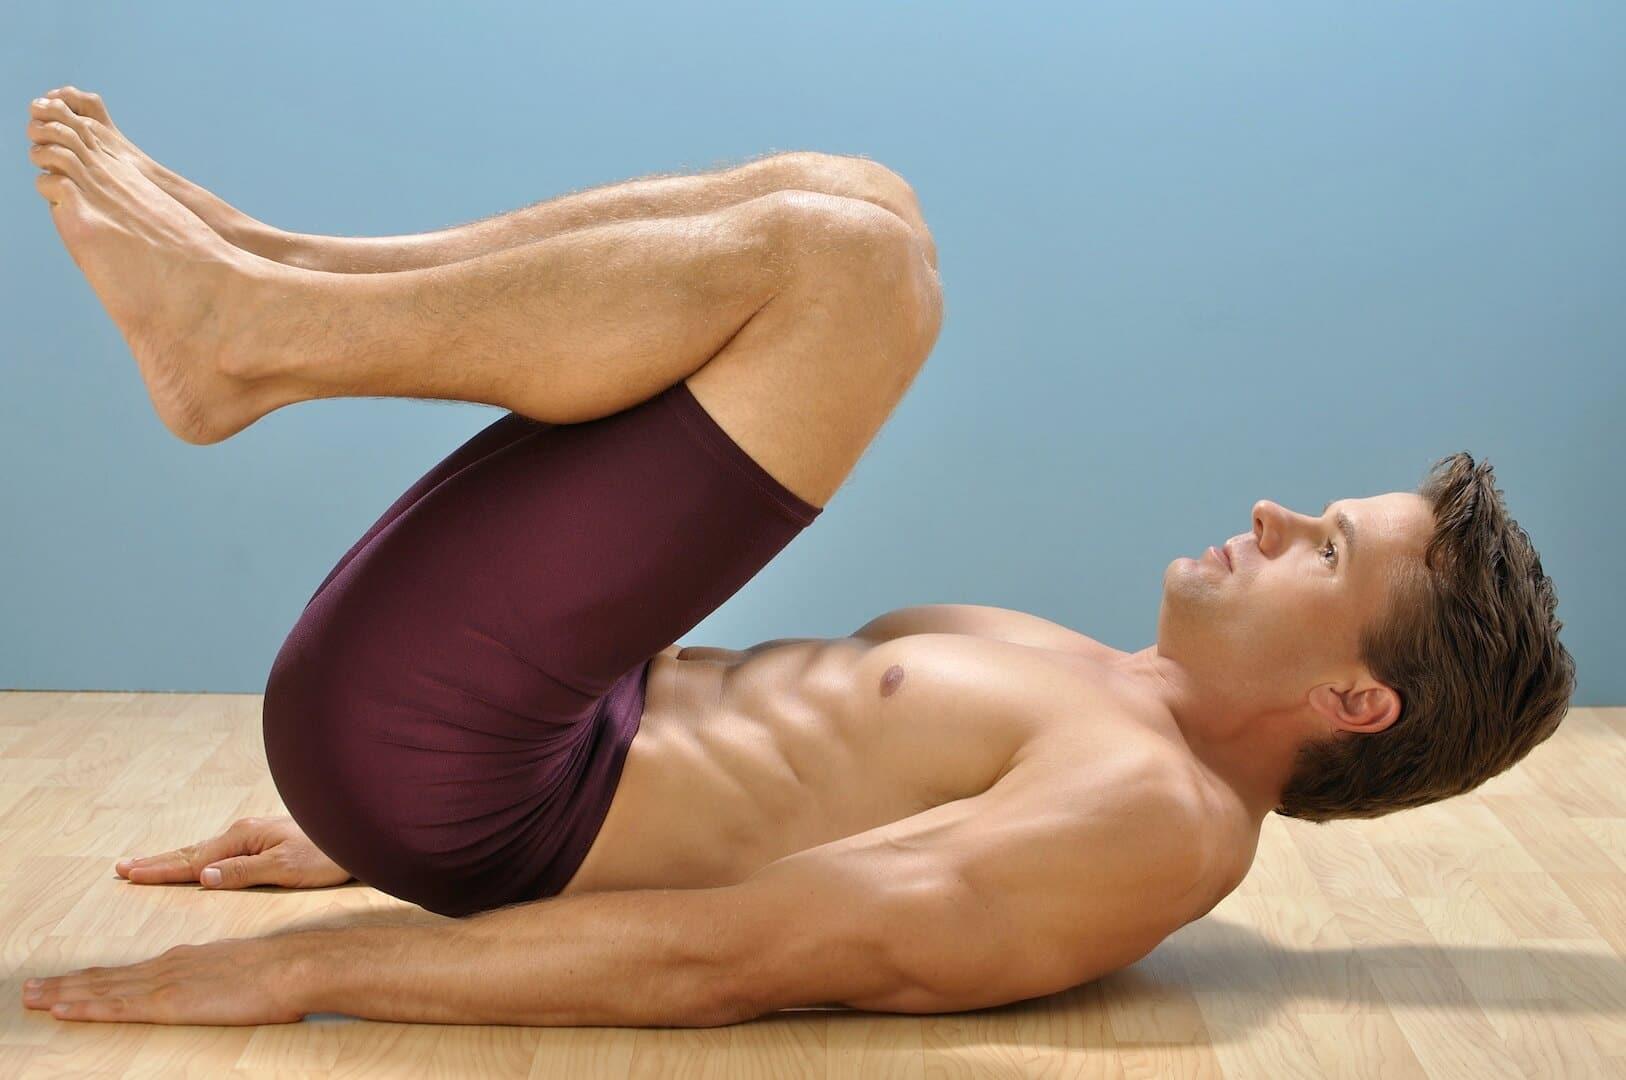 Упражнения для улучшения потенции. Самые рабочие способы